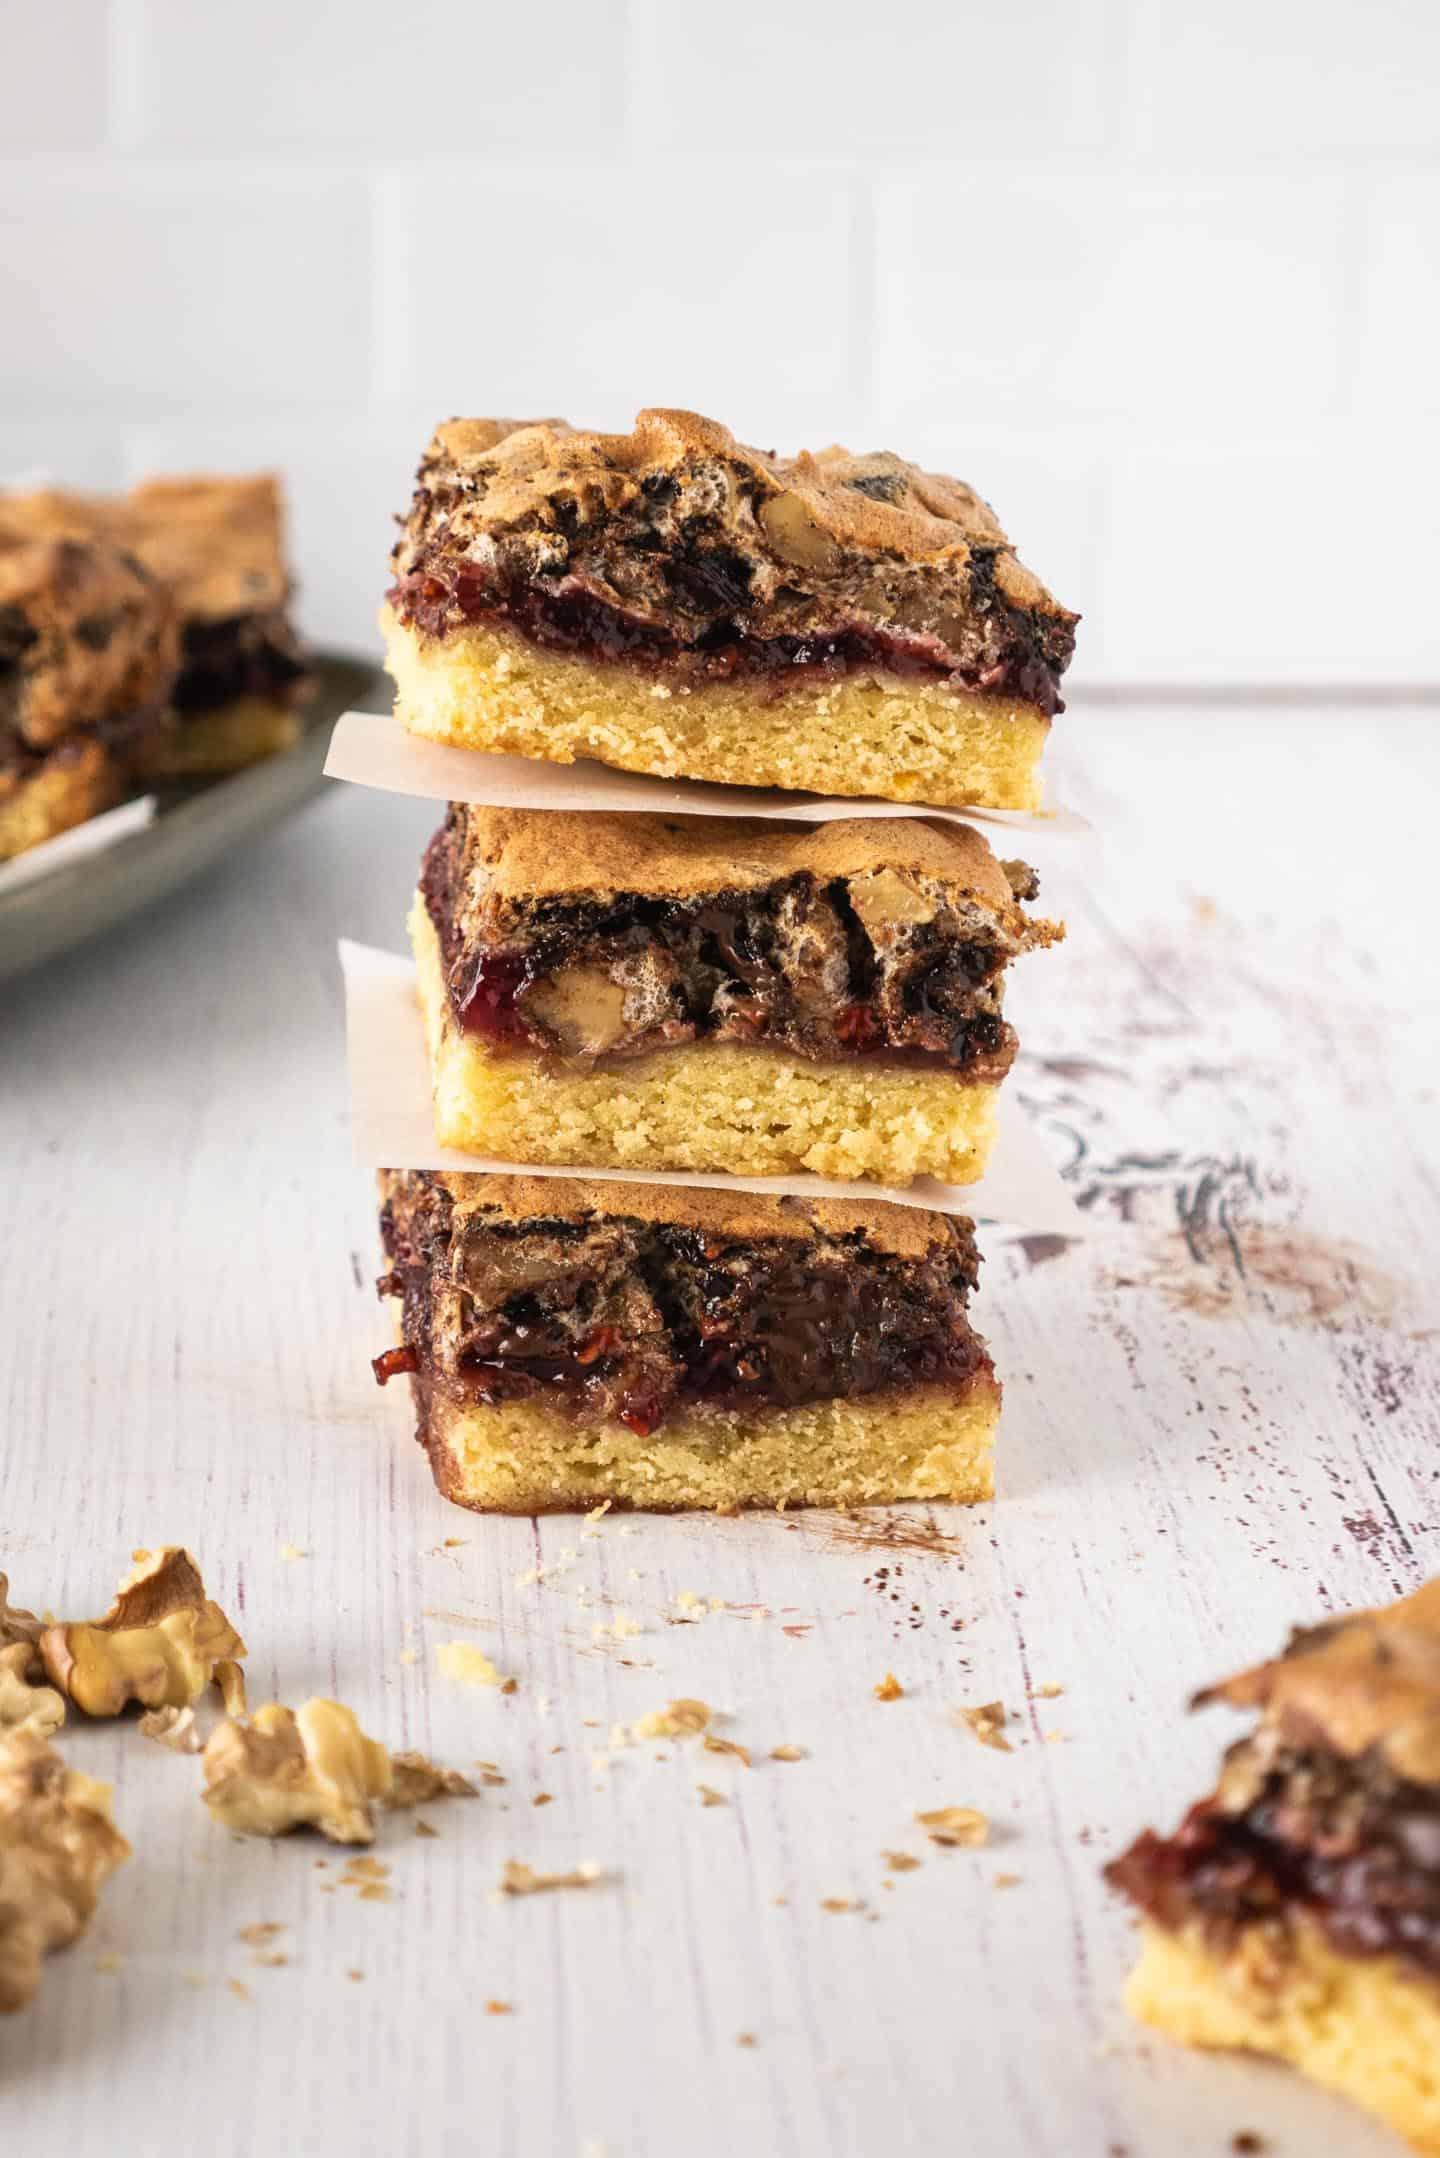 Tres cuadrados de tarta de frambuesa con merengue de chocolate y nueces, y un plato con más tarta por detrás